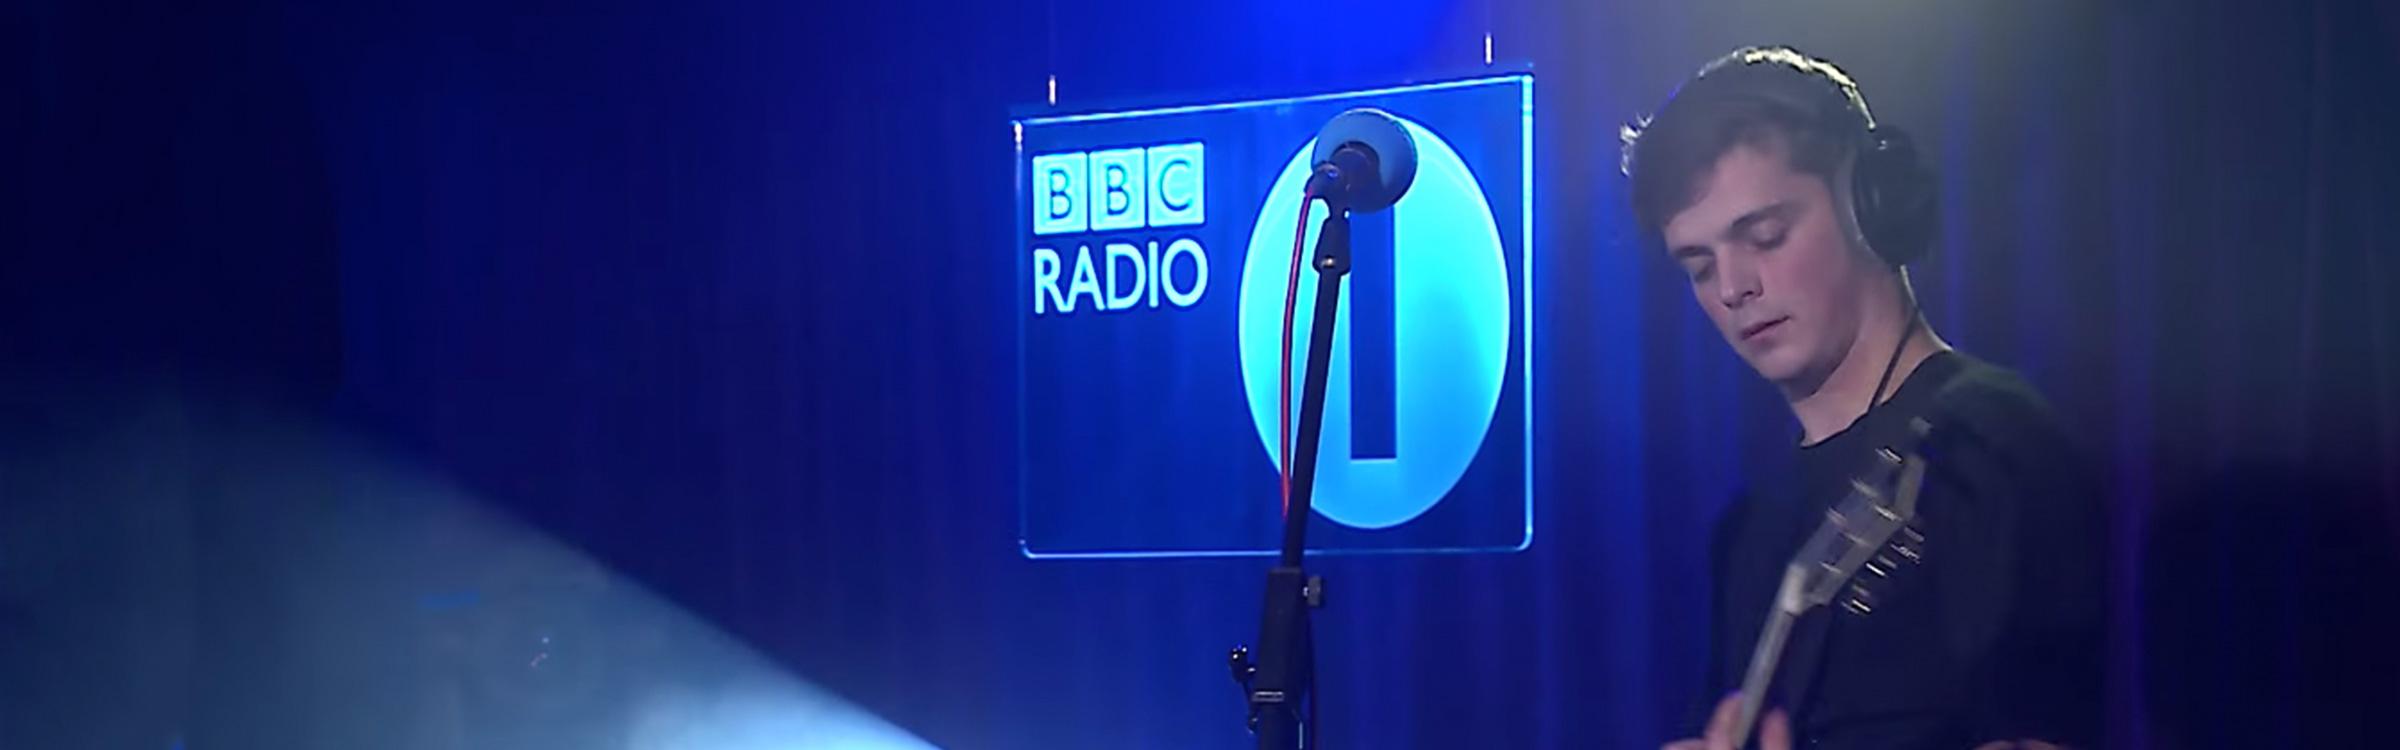 Header martin garrix bbc radio